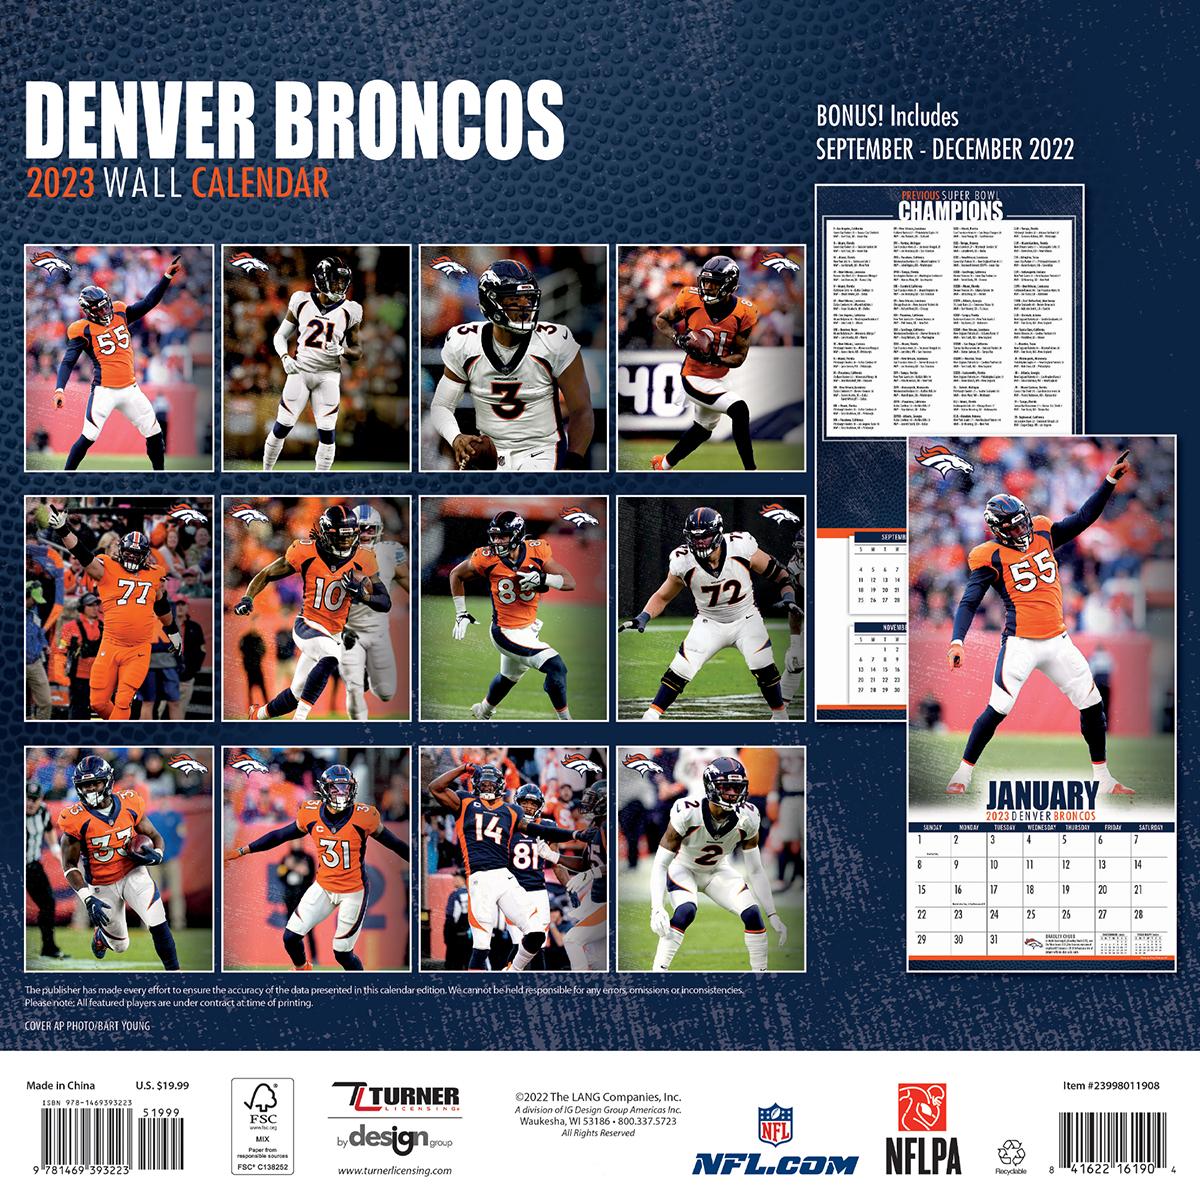 Denver Broncos 2019 NFL Wall Calendar